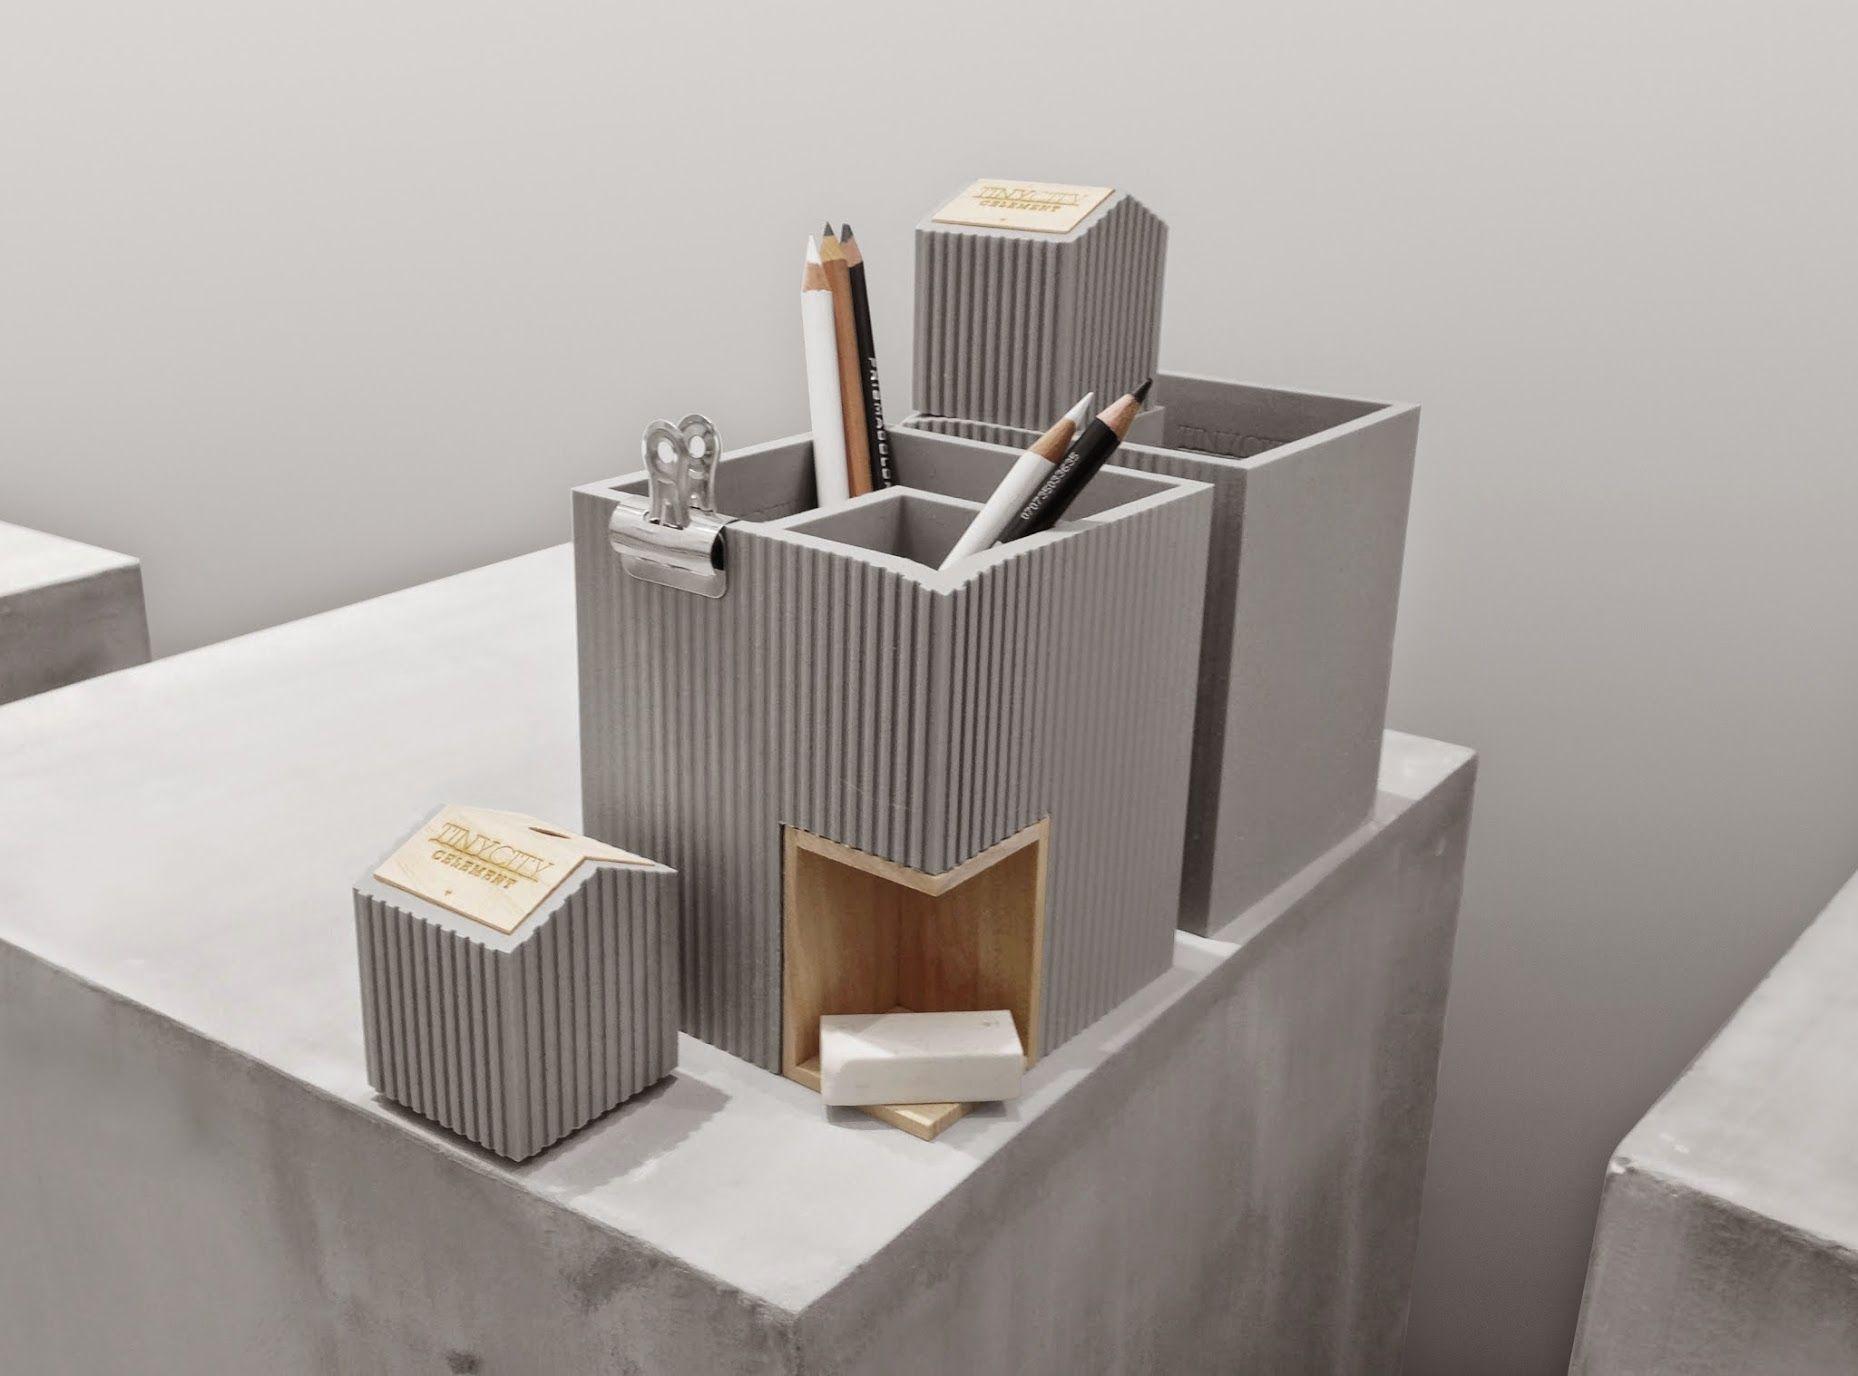 軟水泥筆筒X削筆器, 小城市系列 - tripleliving 叁個設計 | Pinkoi